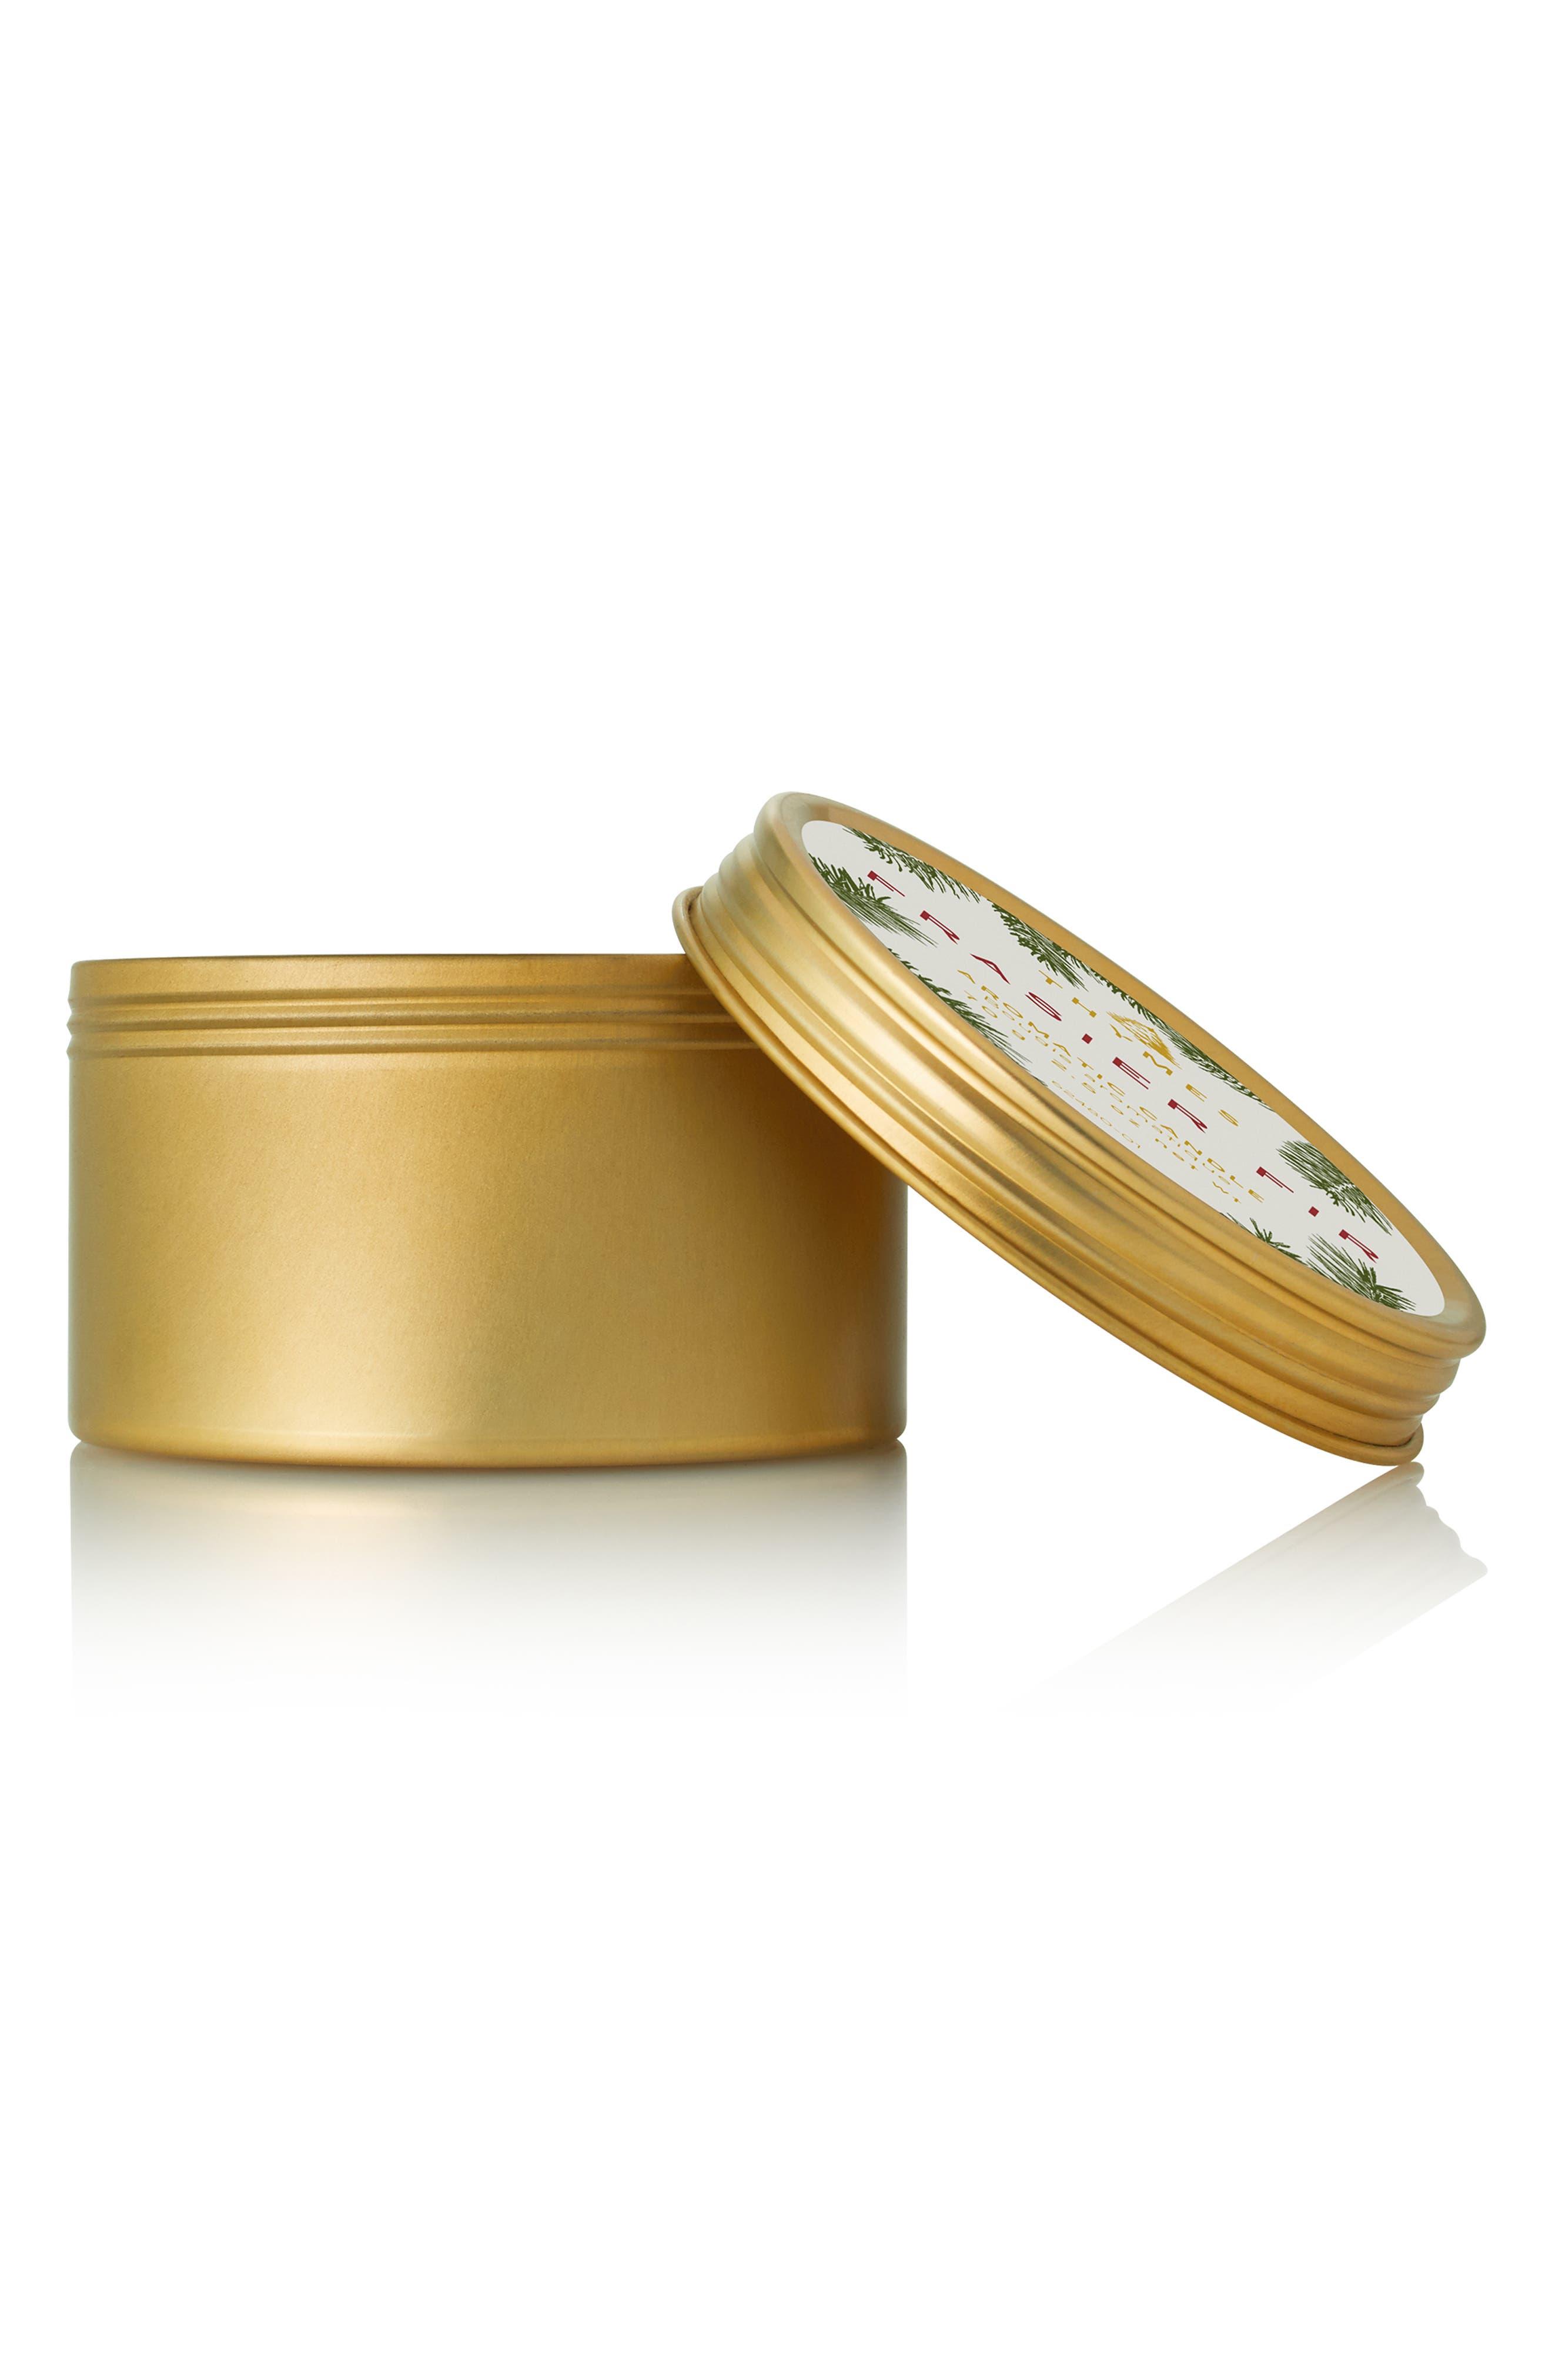 Frasier Fir Candle Travel Tin,                         Main,                         color, 710